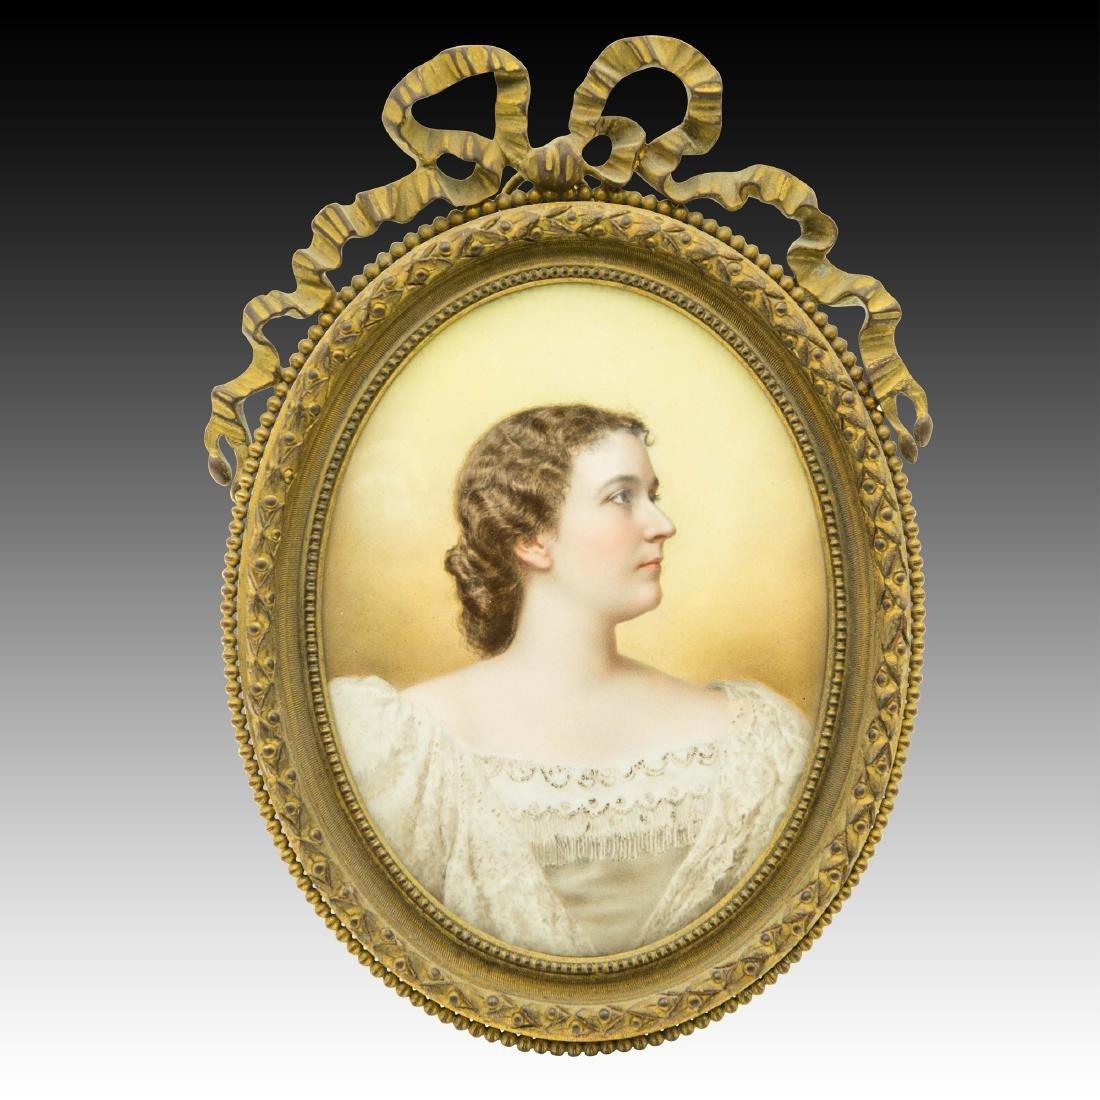 Miniature portrait on enamel by Mathieu Deroche